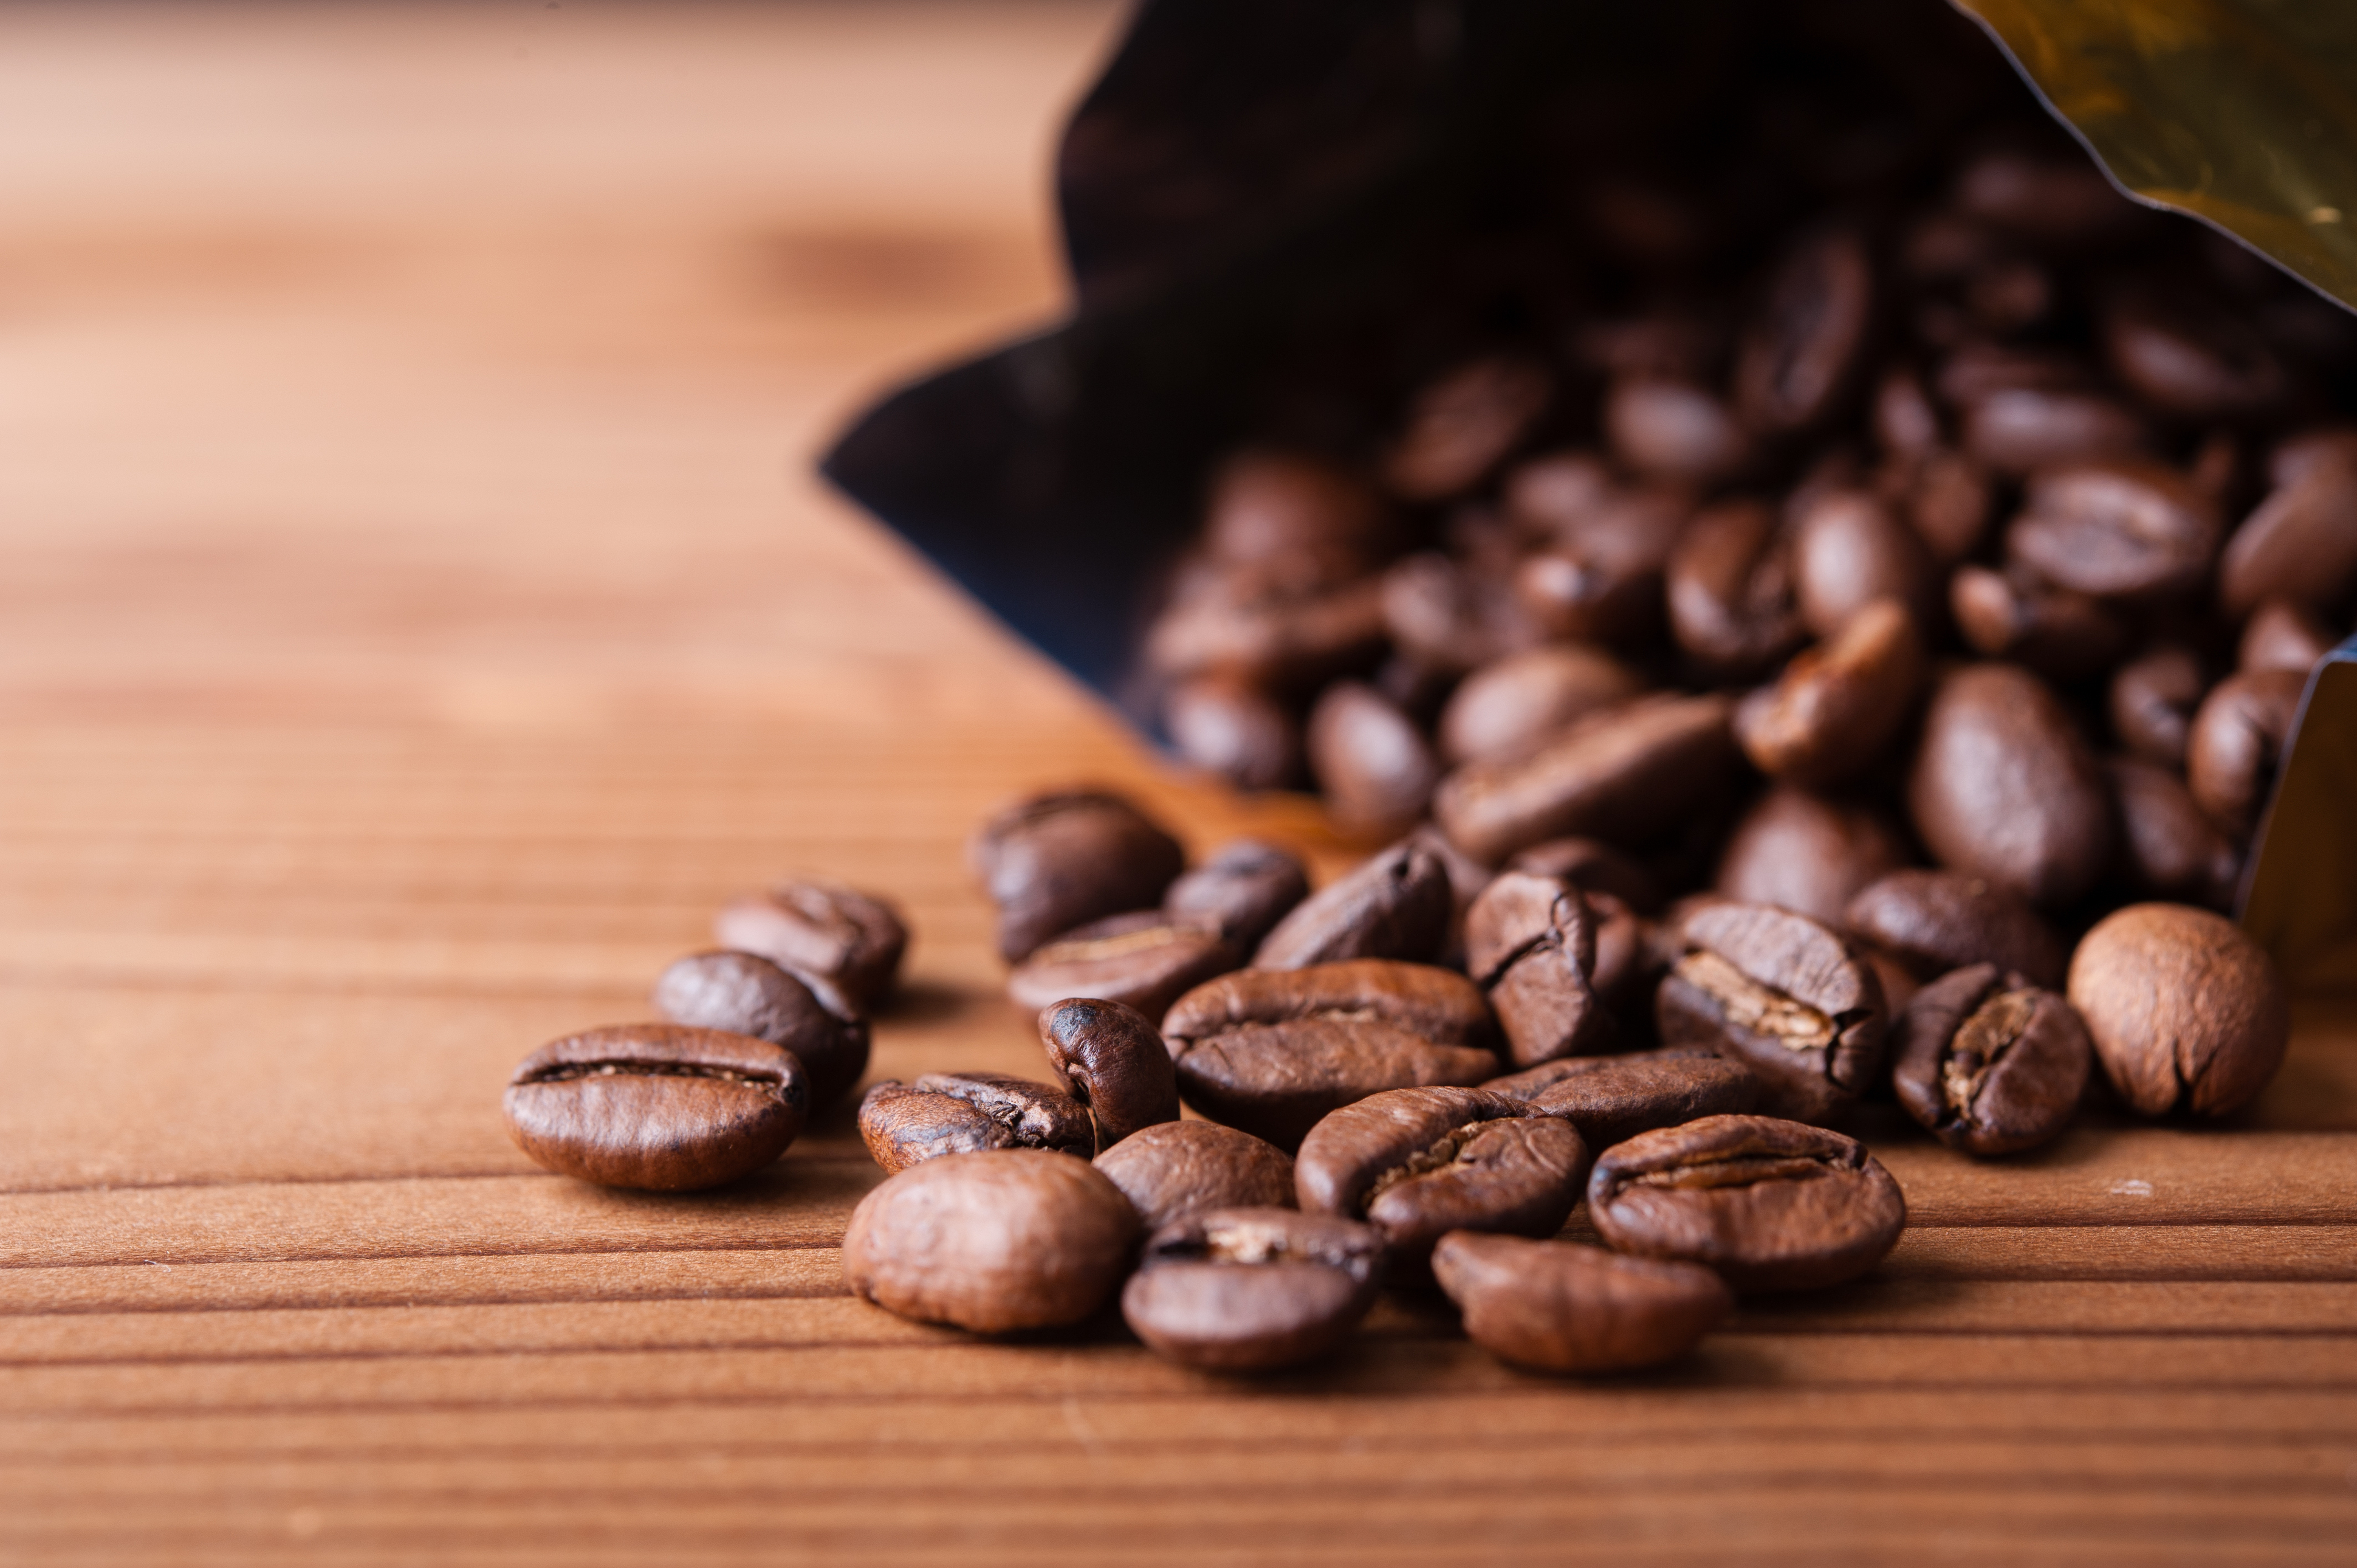 コーヒー豆②.jpg